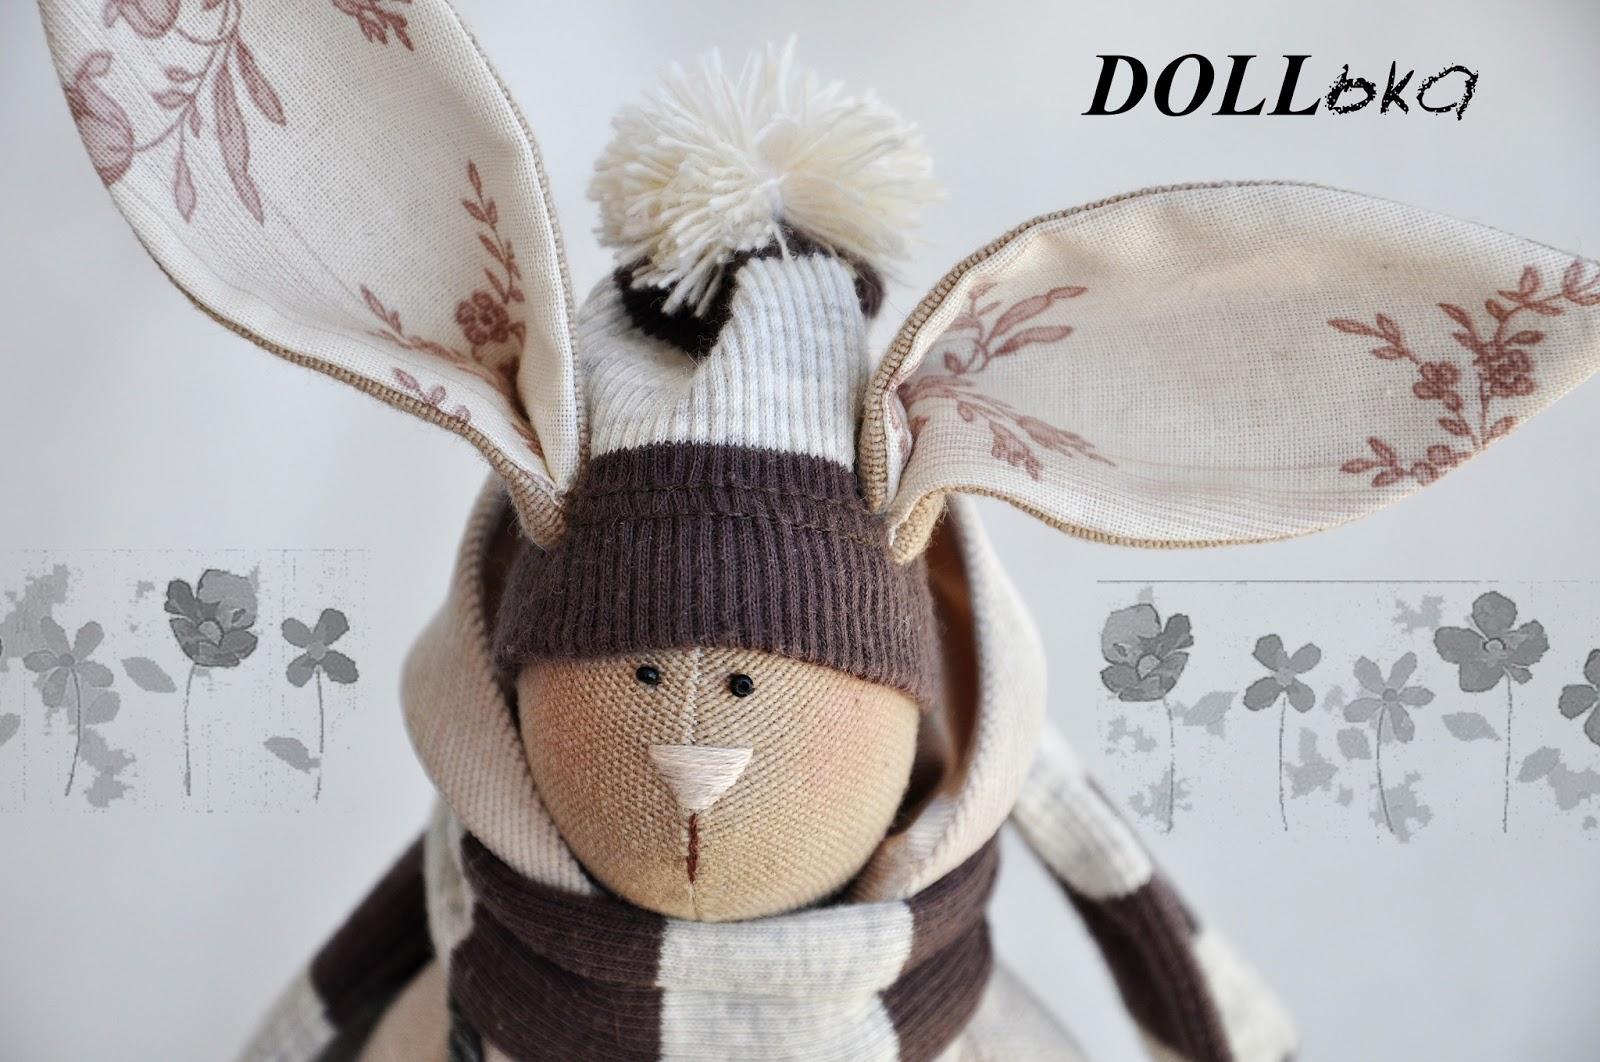 заяц Макс текстильная игрушка ручной работы